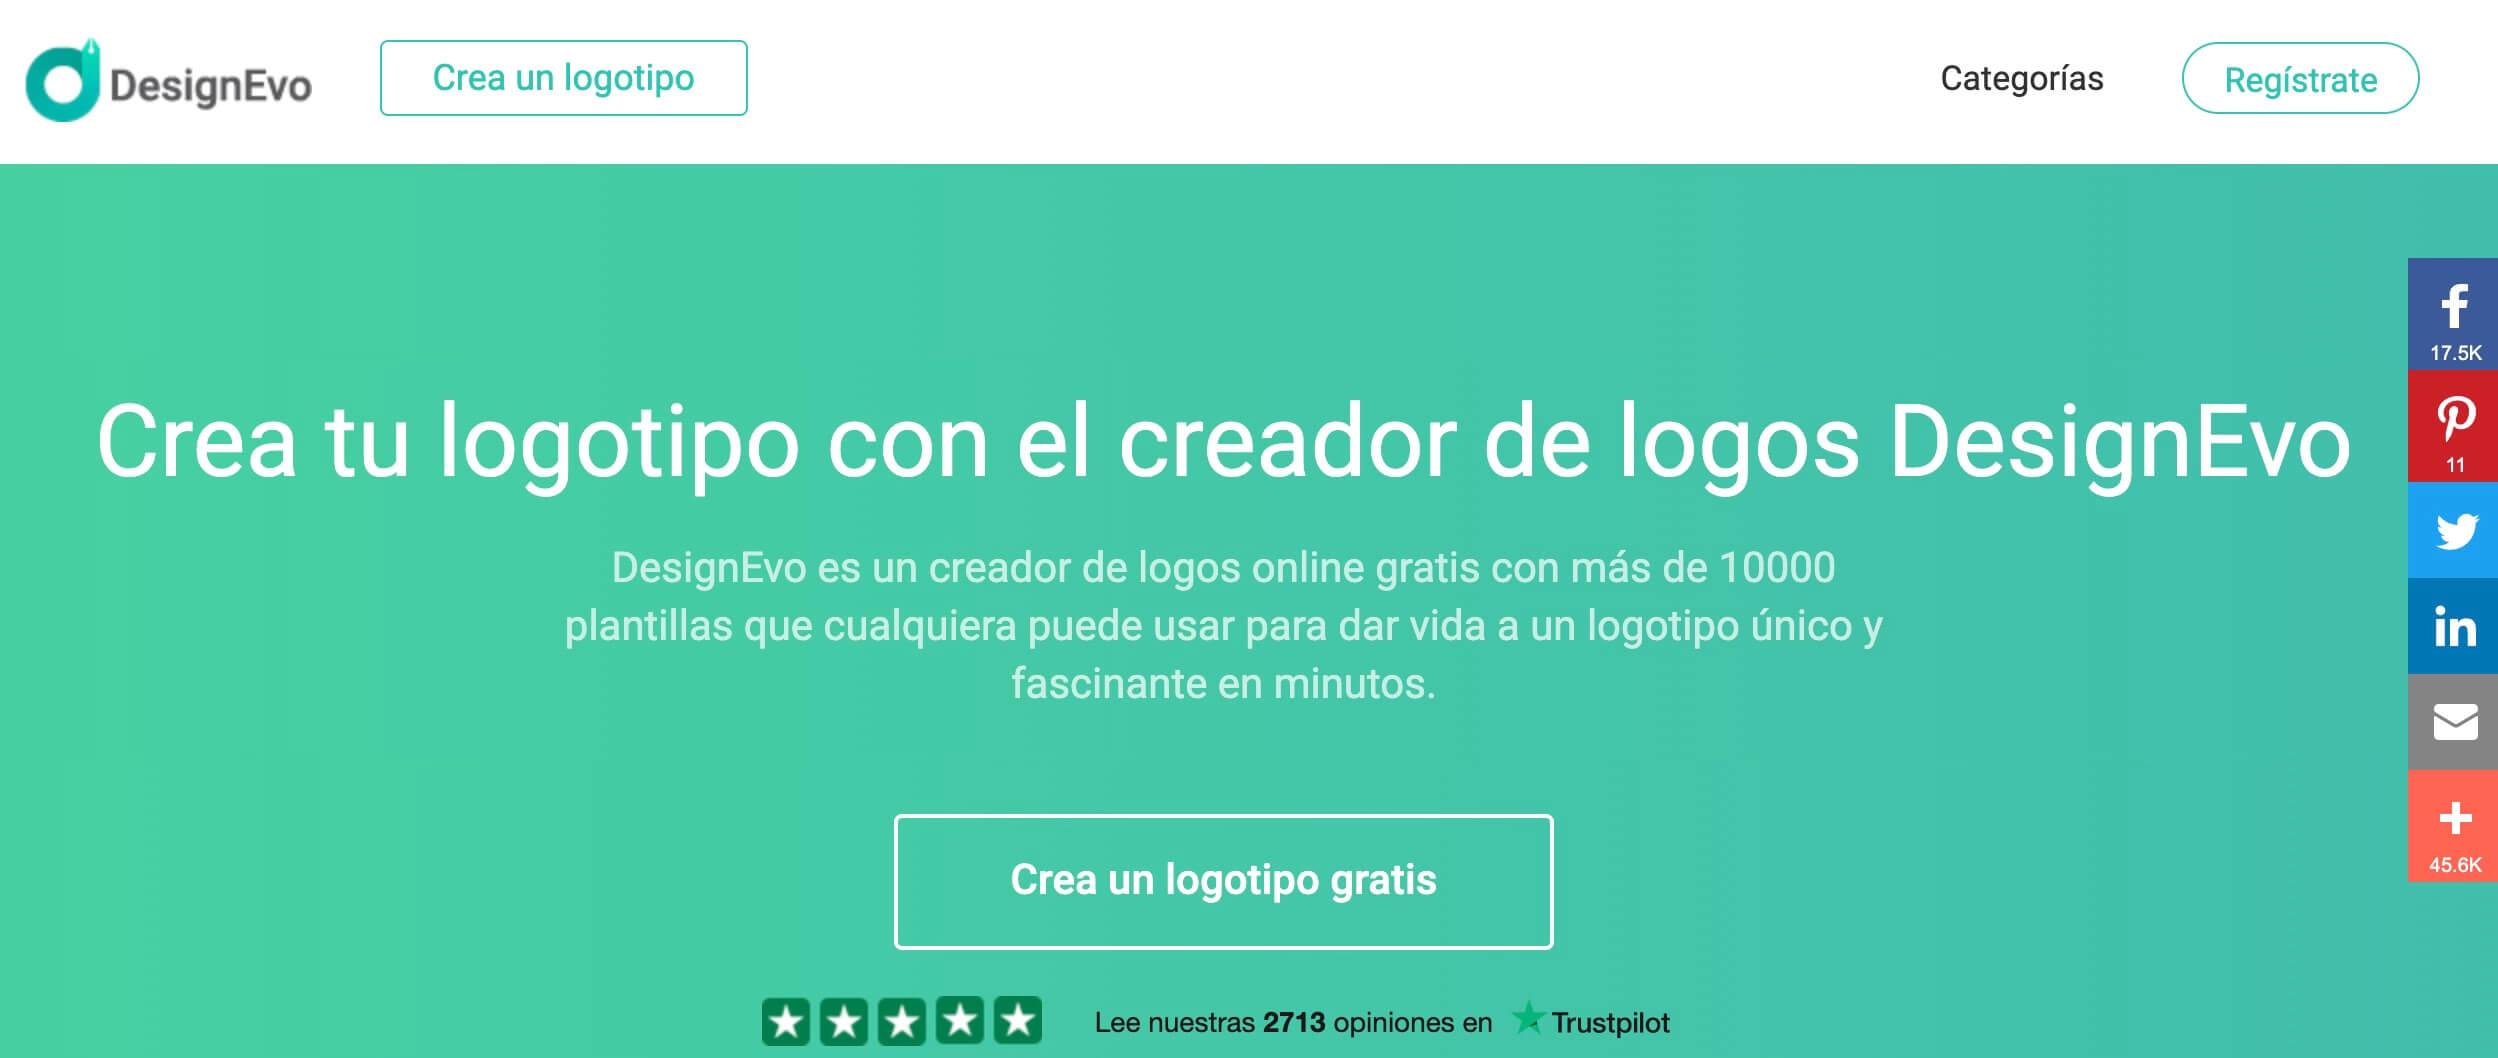 DesginEvo, creador logos gratis